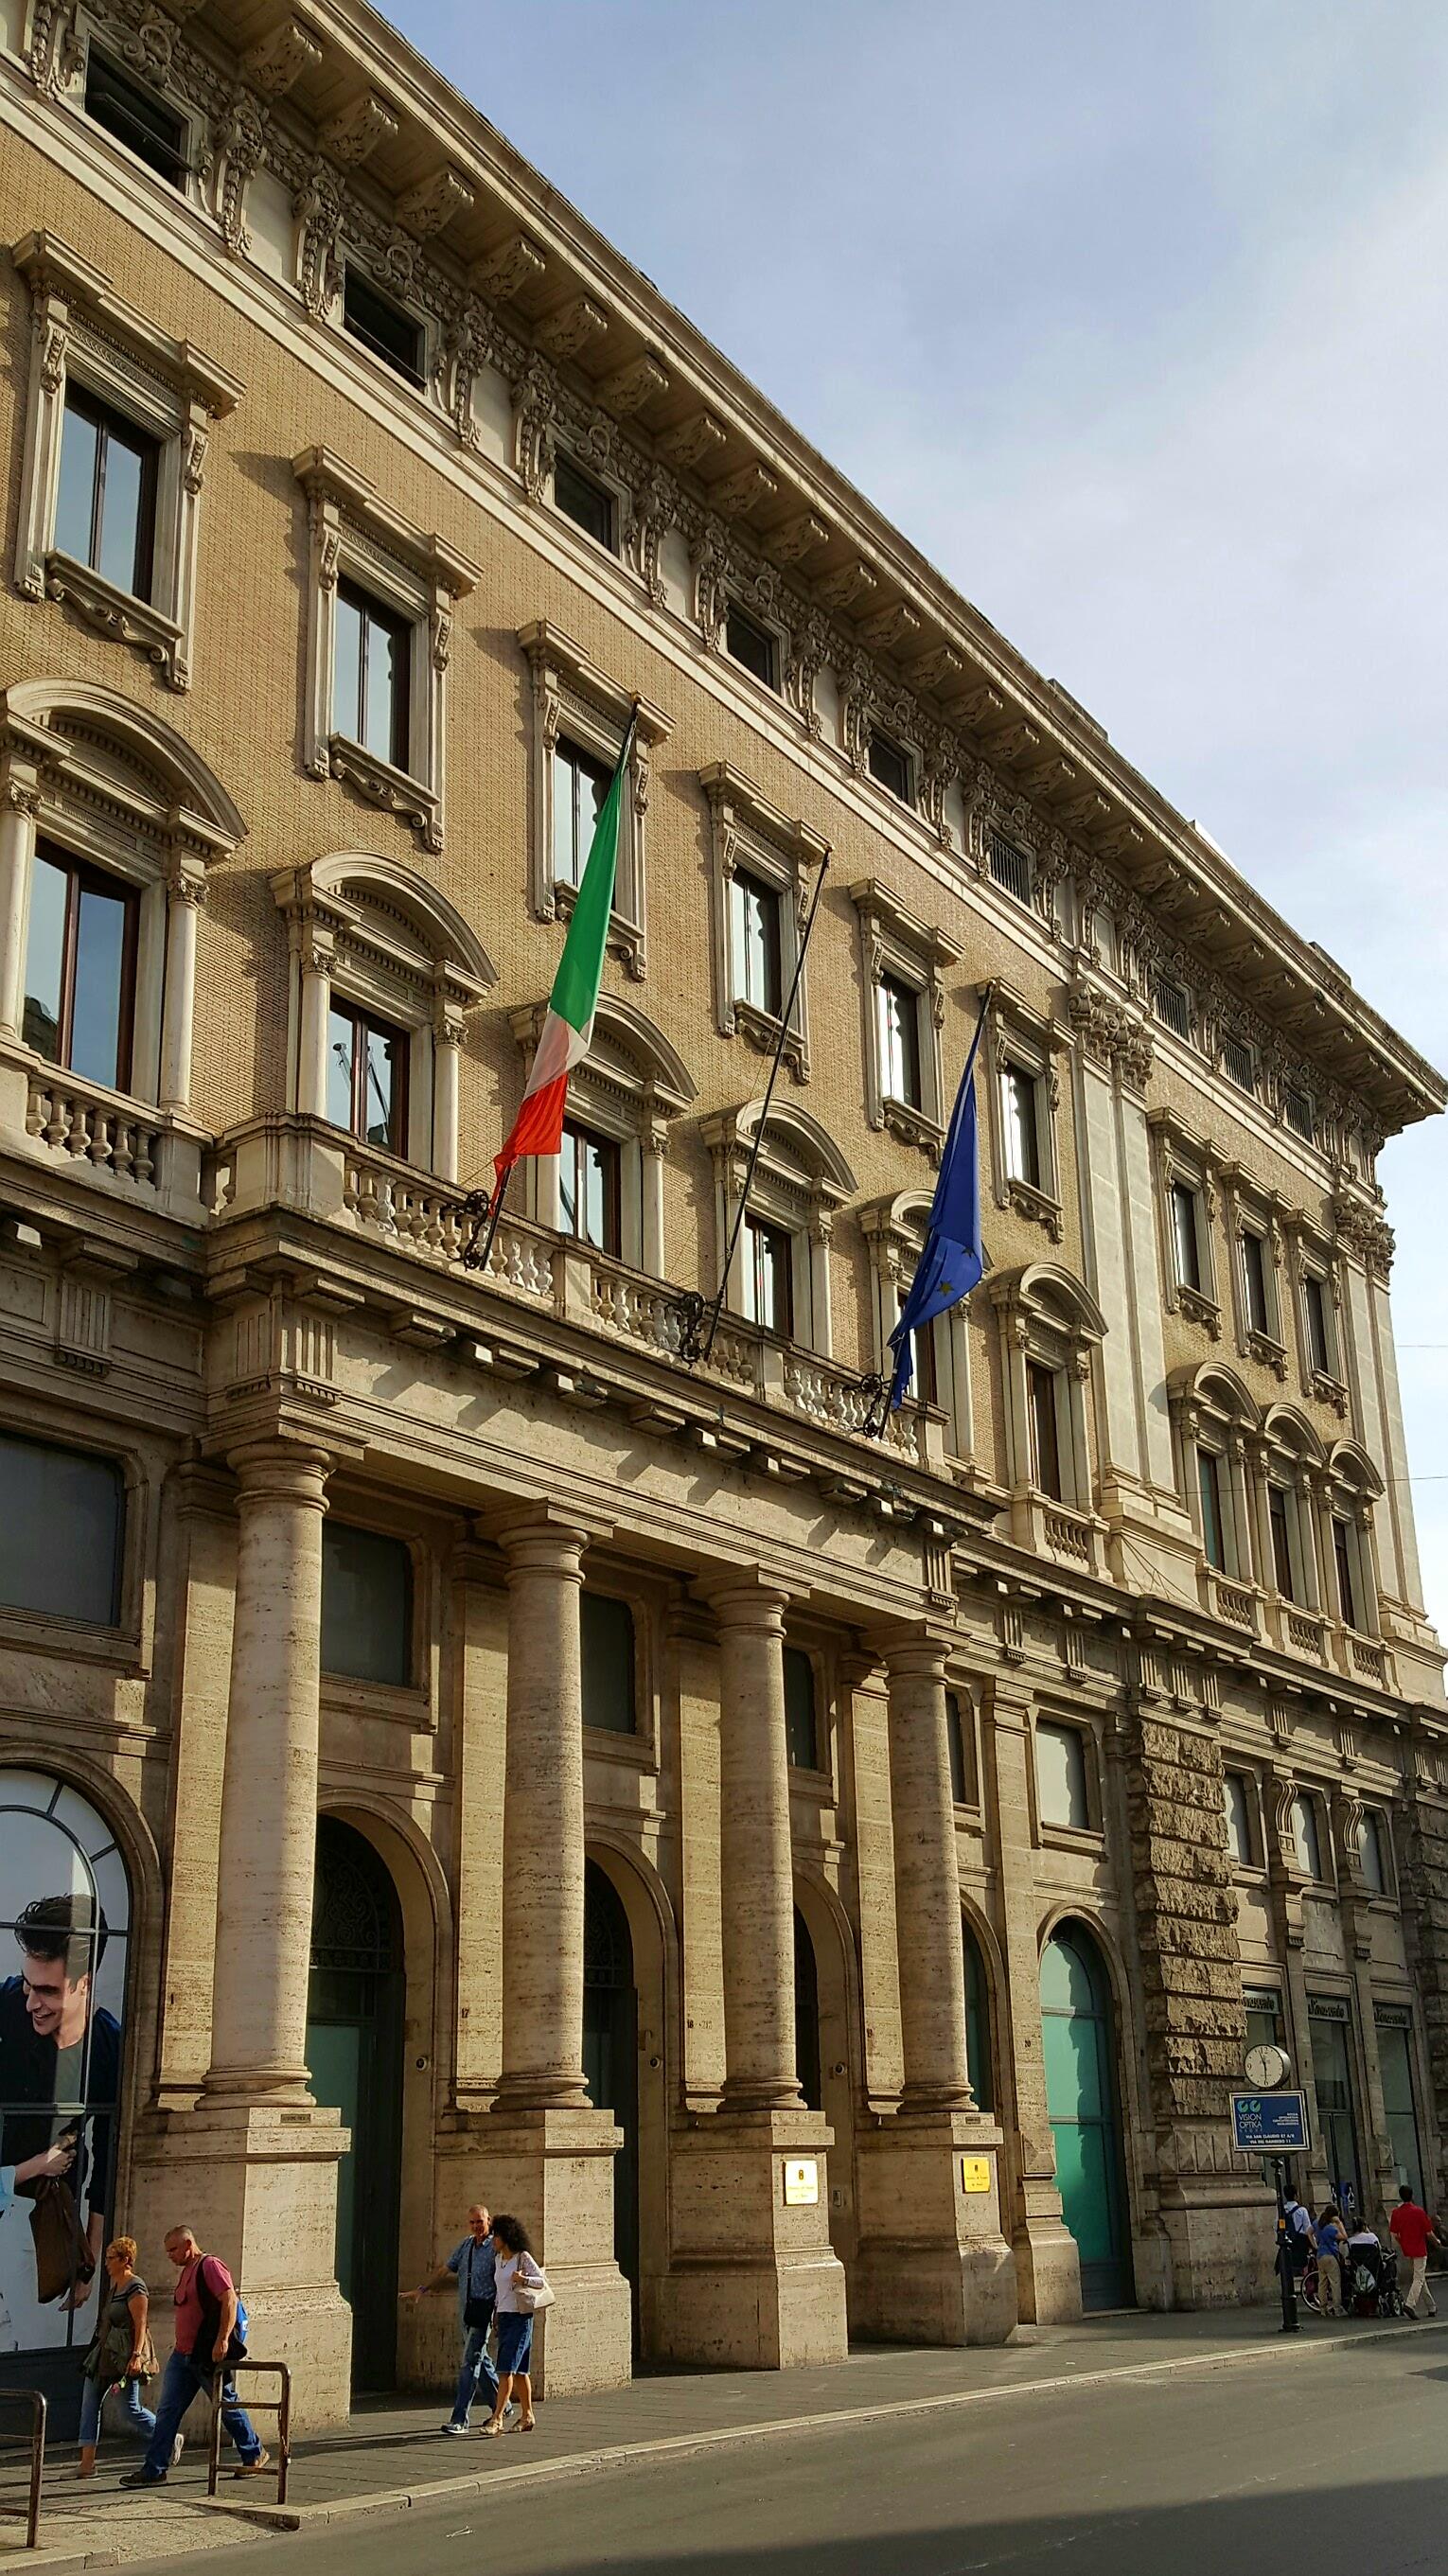 PCM Largo Chigi 19.jpg Italiano: Presidenza del Consiglio dei Ministri, sede di Largo Chigi, 19 Date 28 May 2016, 17:59:01 Source Own work